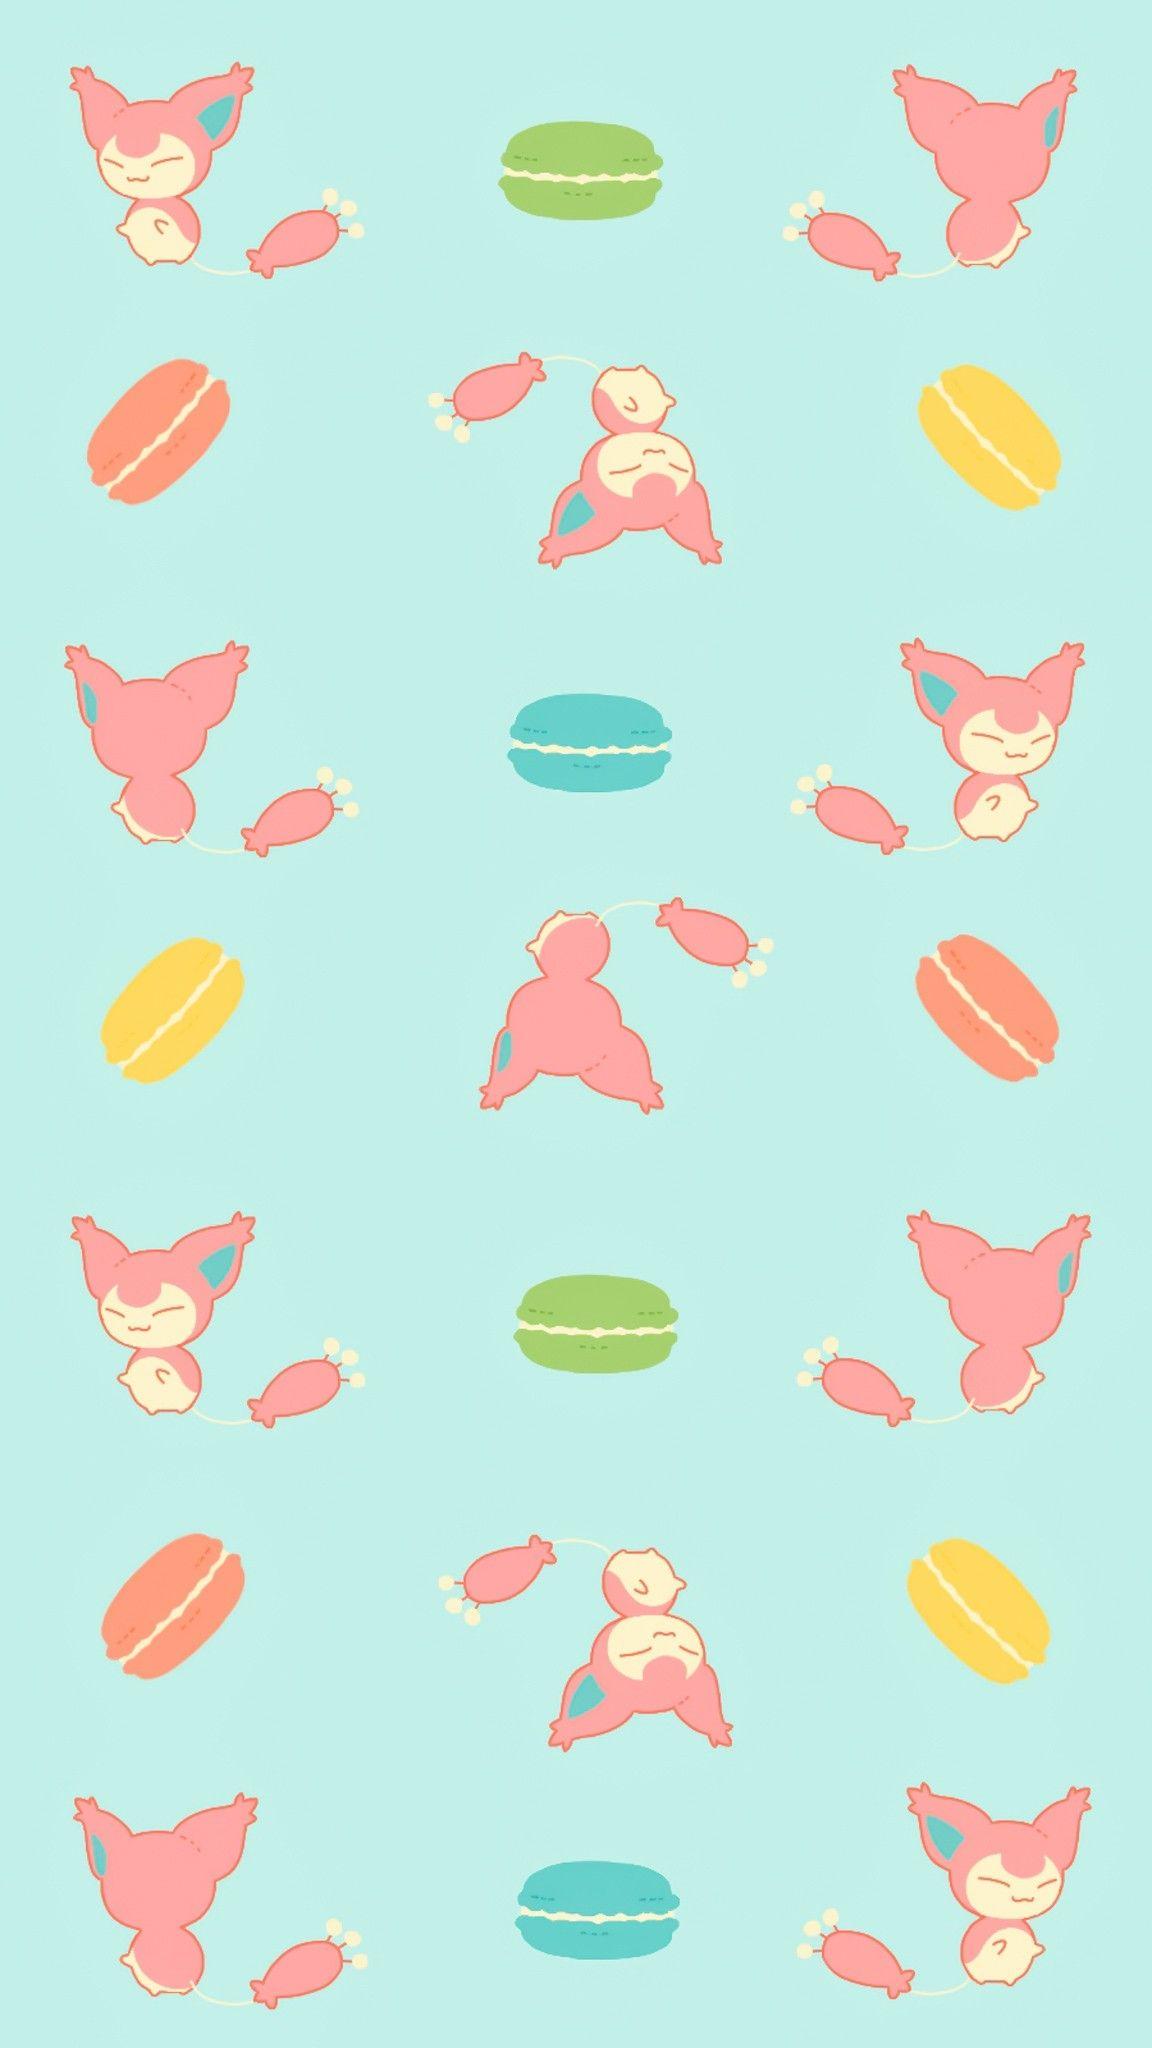 Pin By Aekkalisa On Pokemon Wpp Cute Pokemon Wallpaper Pokemon Pokemon Wallpapers